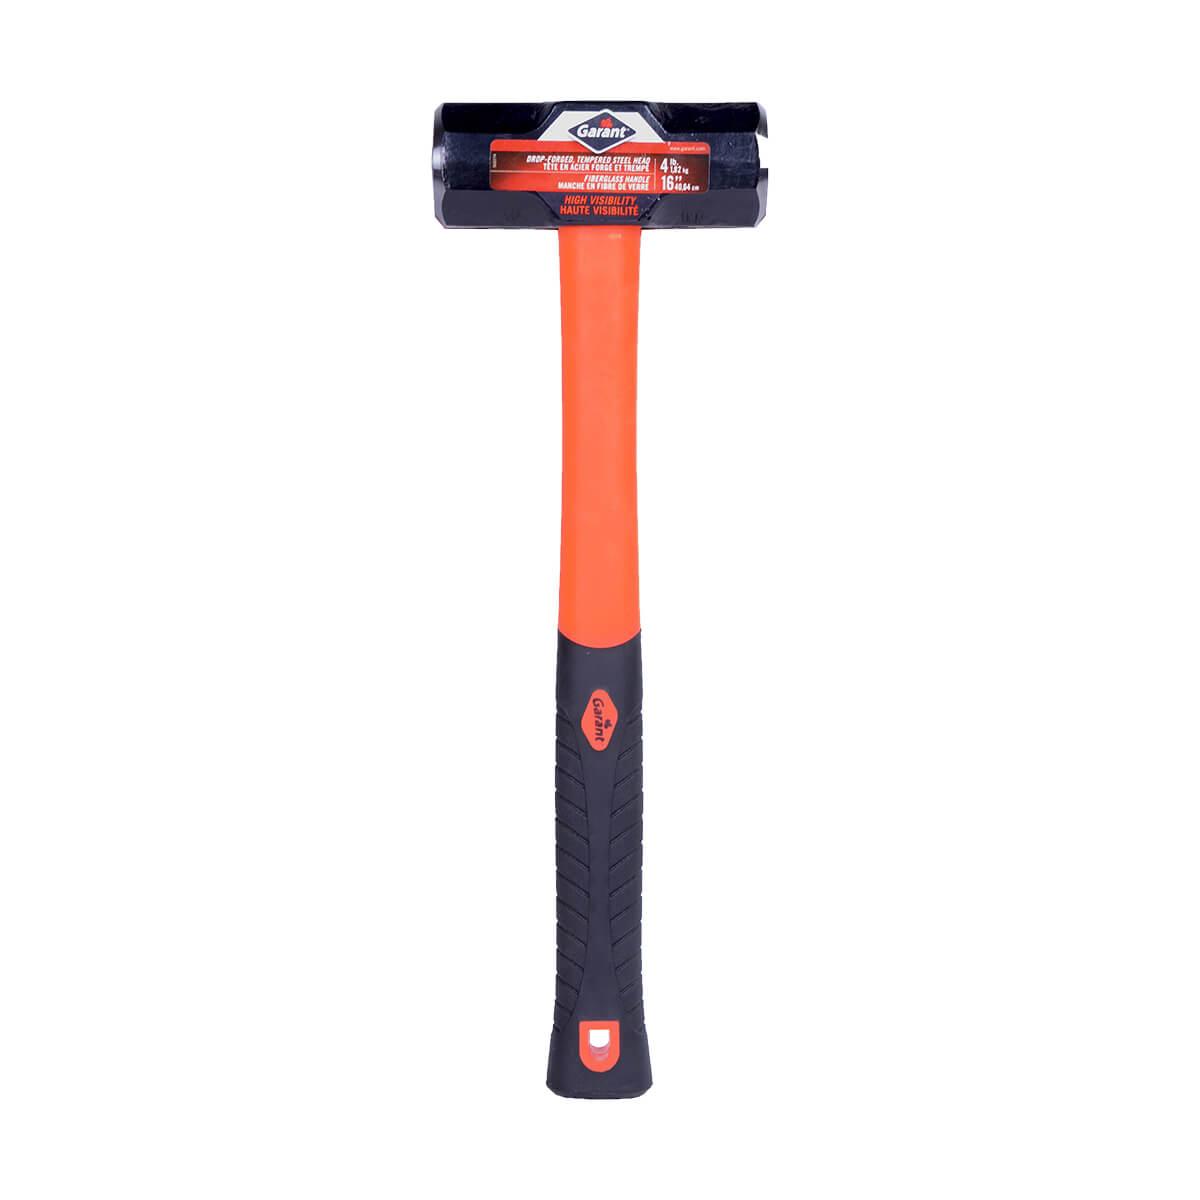 Garant Double Face Sledge Hammer - 4 lbs, 16'' handle